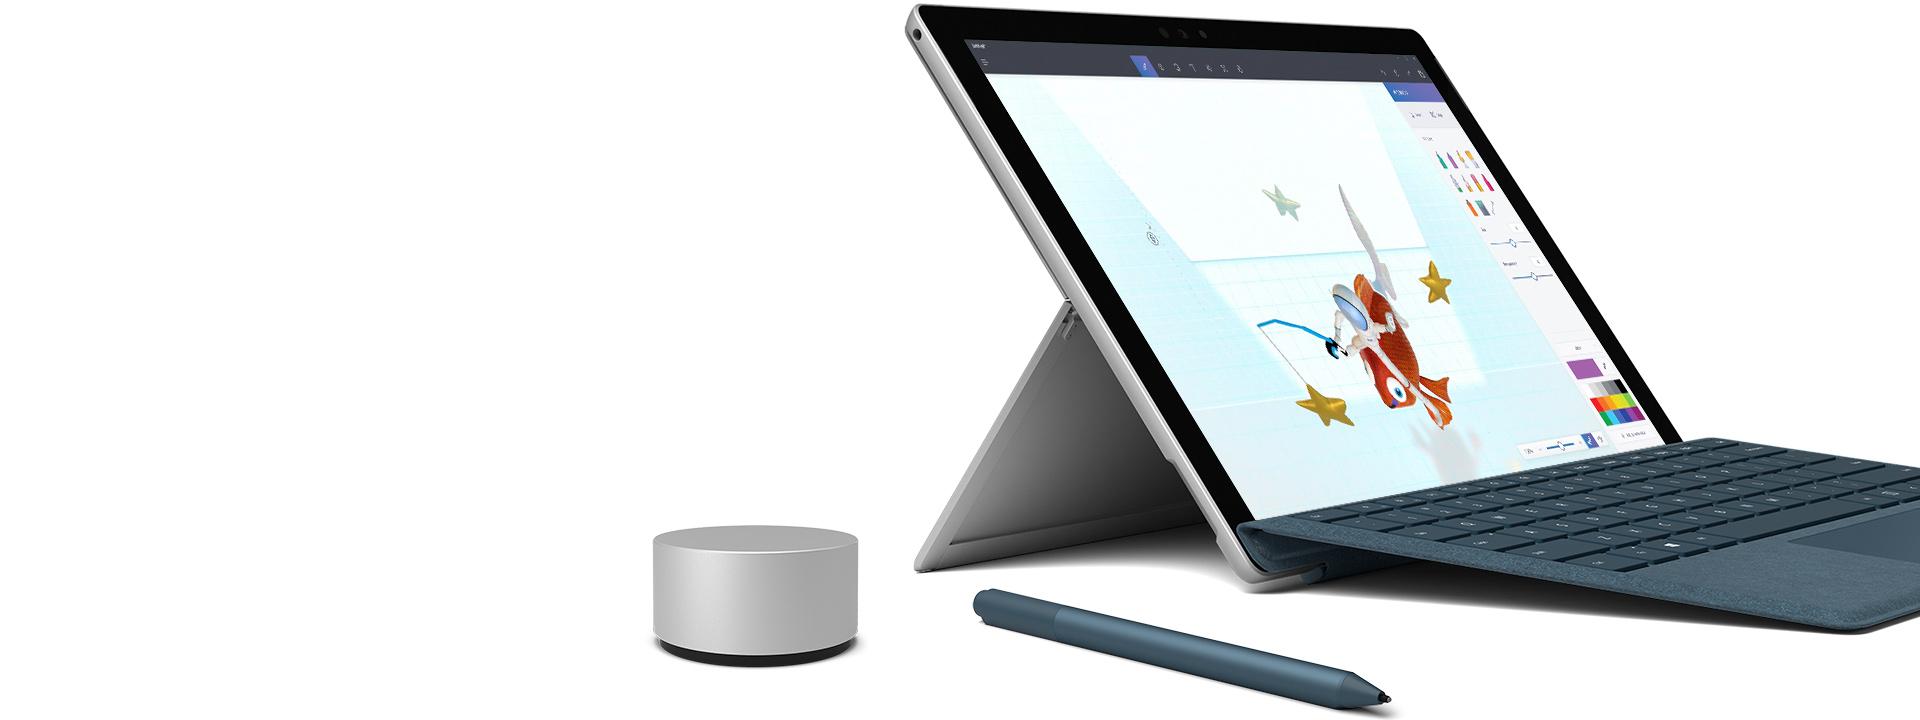 Surface Pro en mode ordinateur portable avec Surface Dial, stylet et clavier Type Cover.